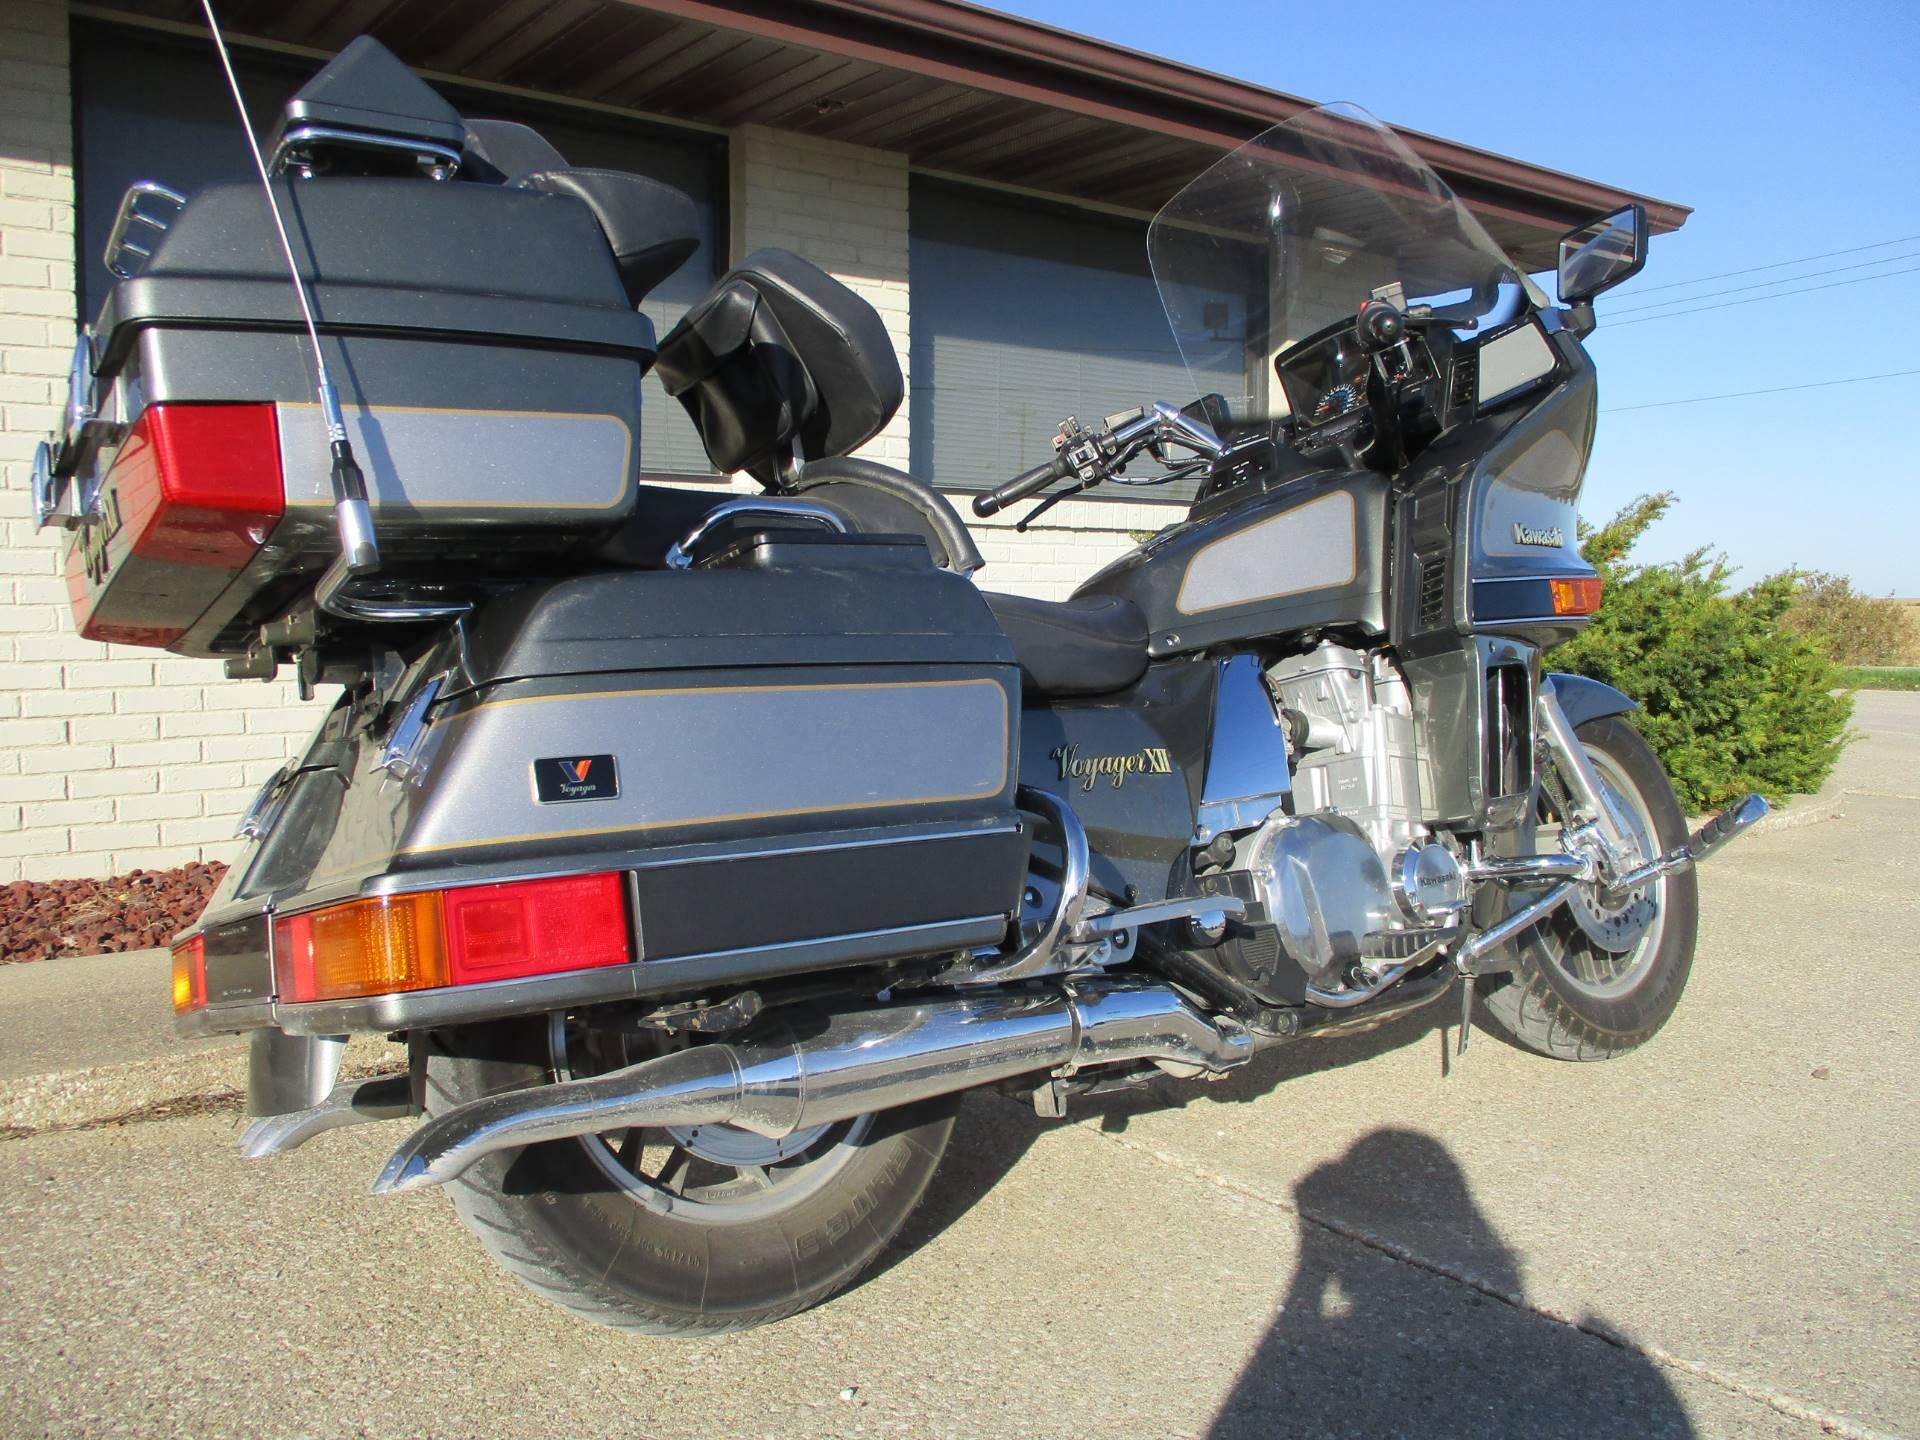 2003 Kawasaki Voyager XII 5